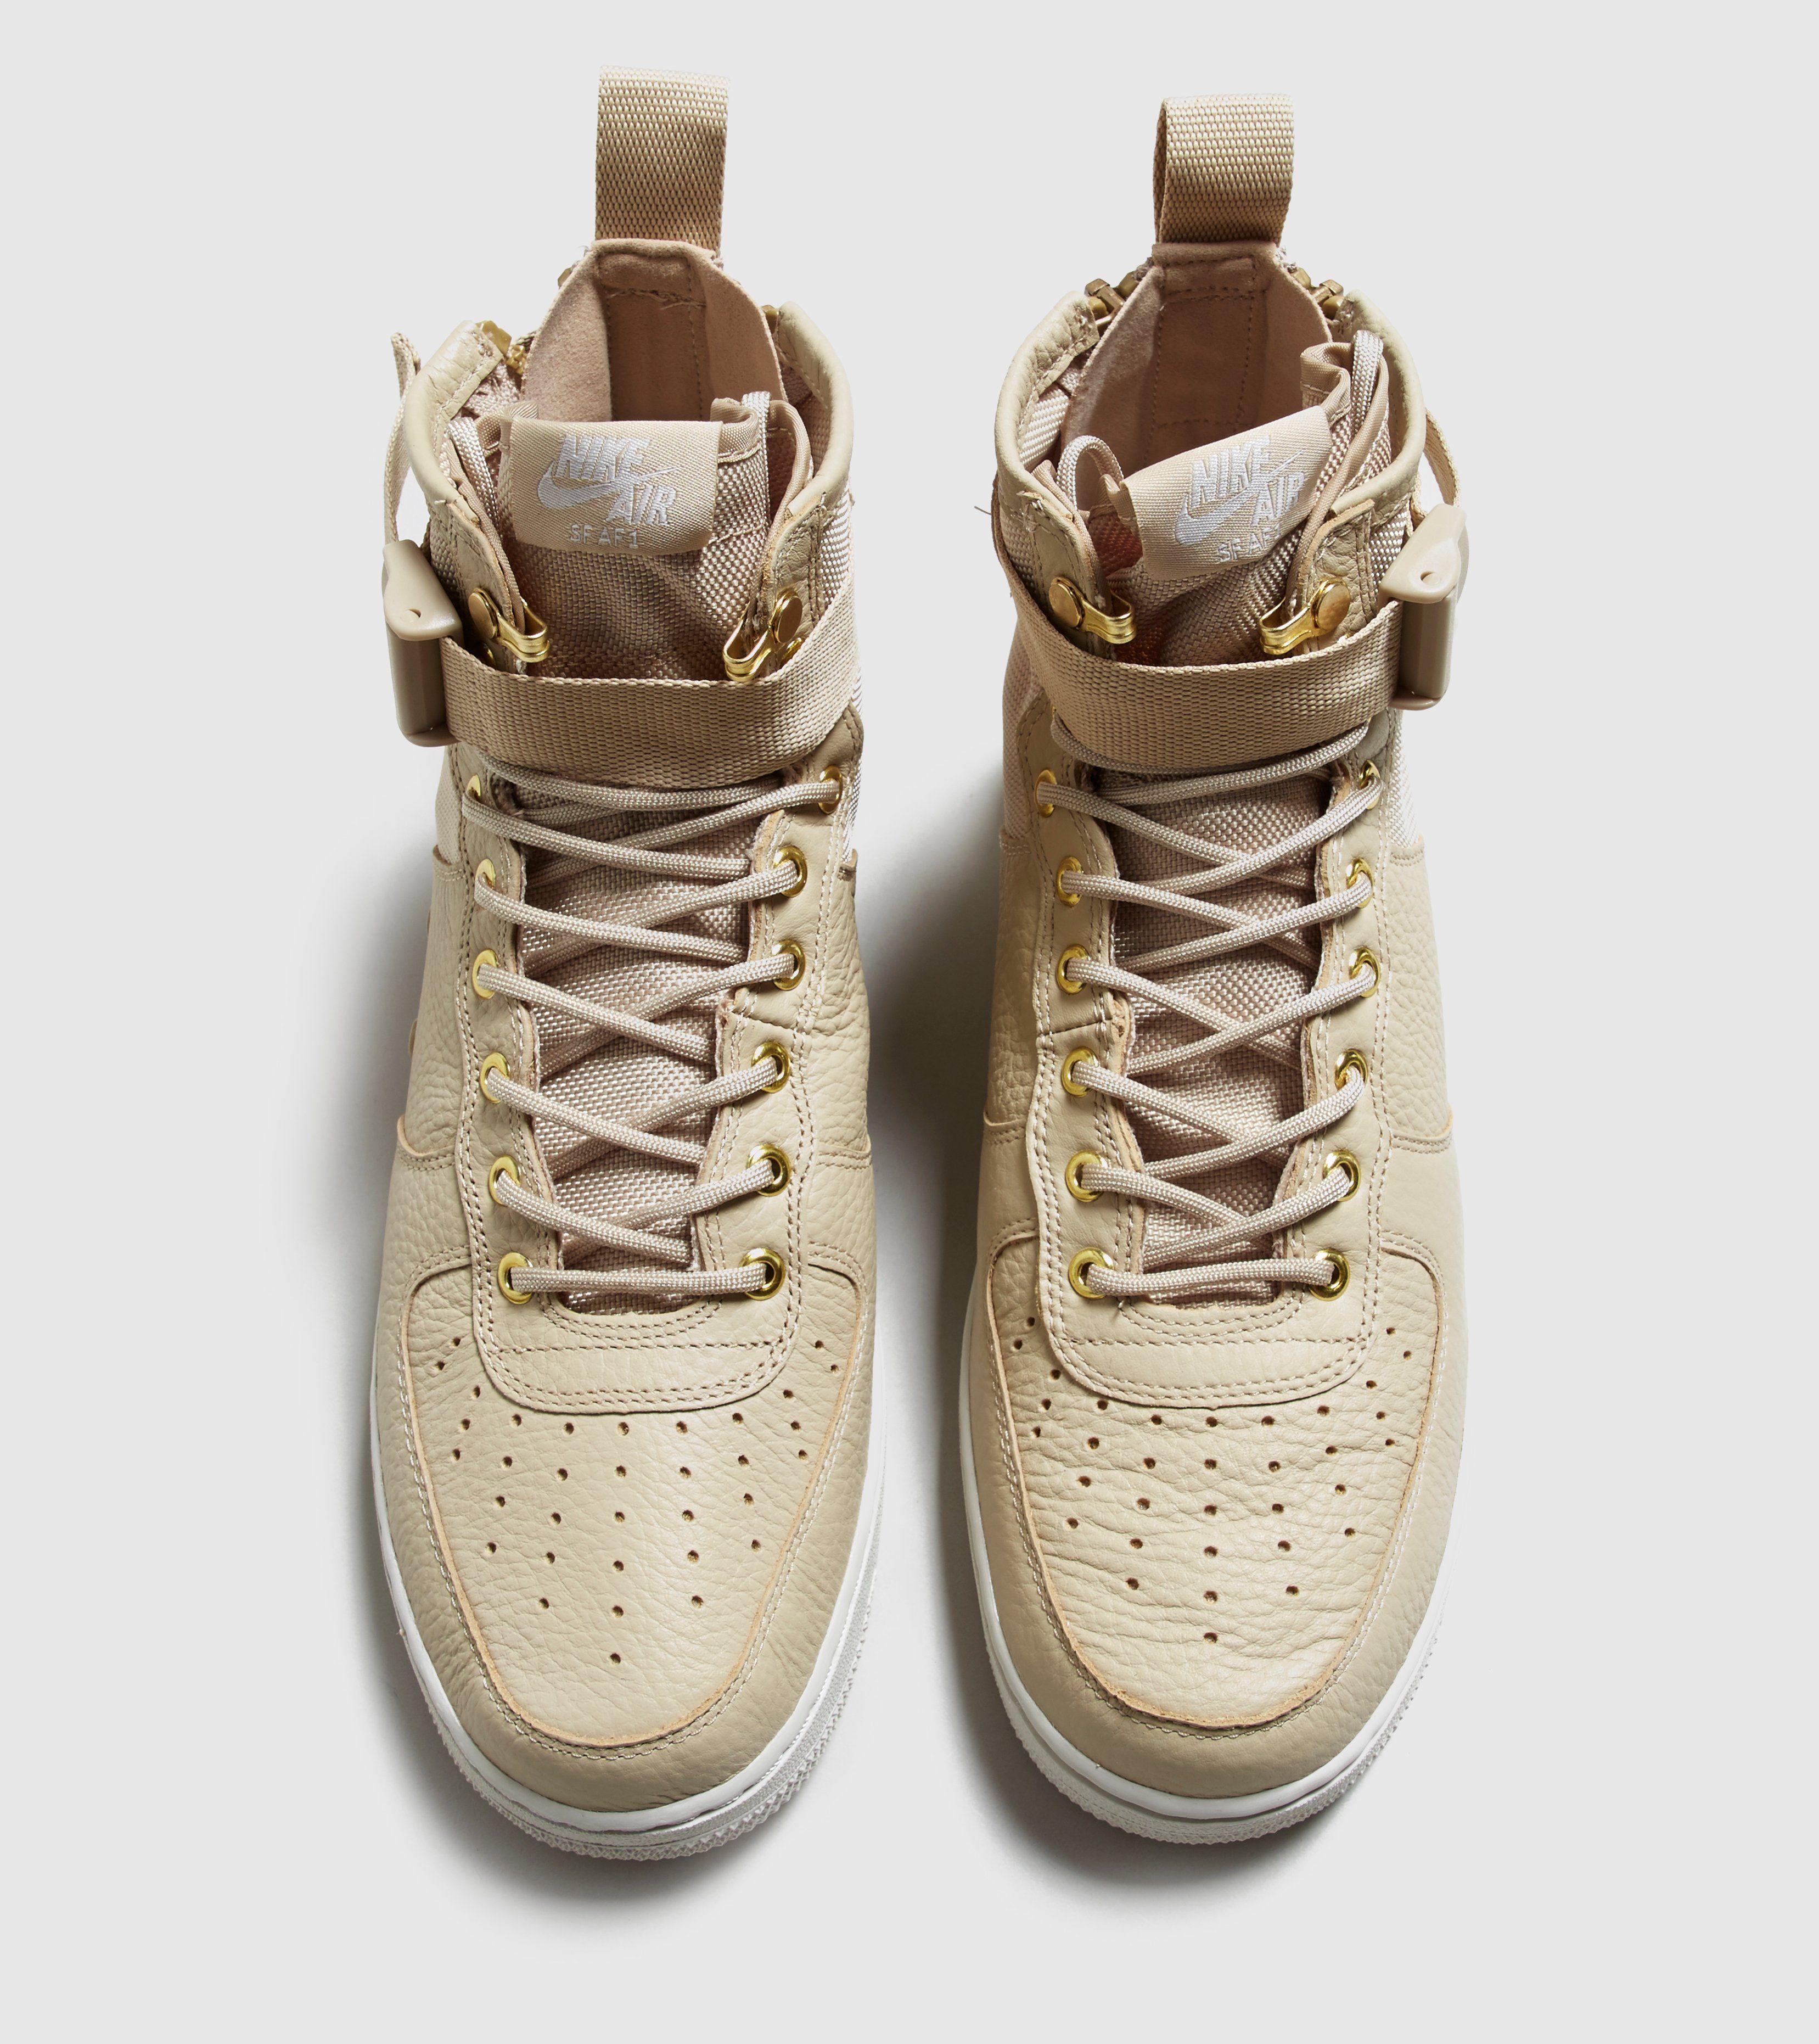 Nike SF Air Force 1 Mid